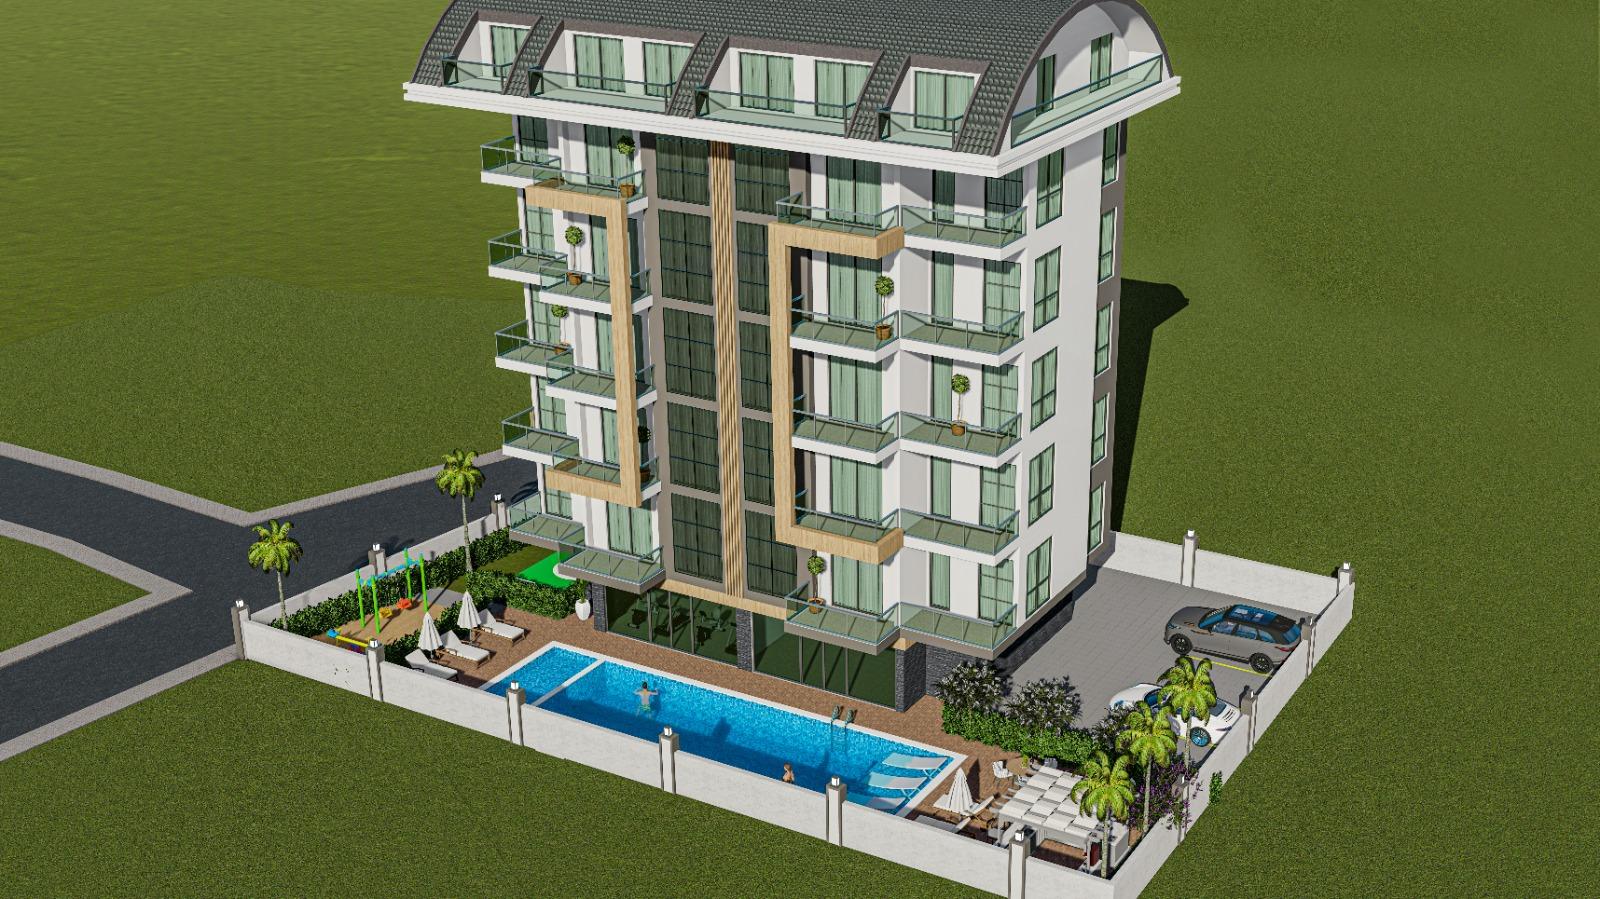 Новые квартиры по приемлемым ценам в строящемся комплексе - Фото 8